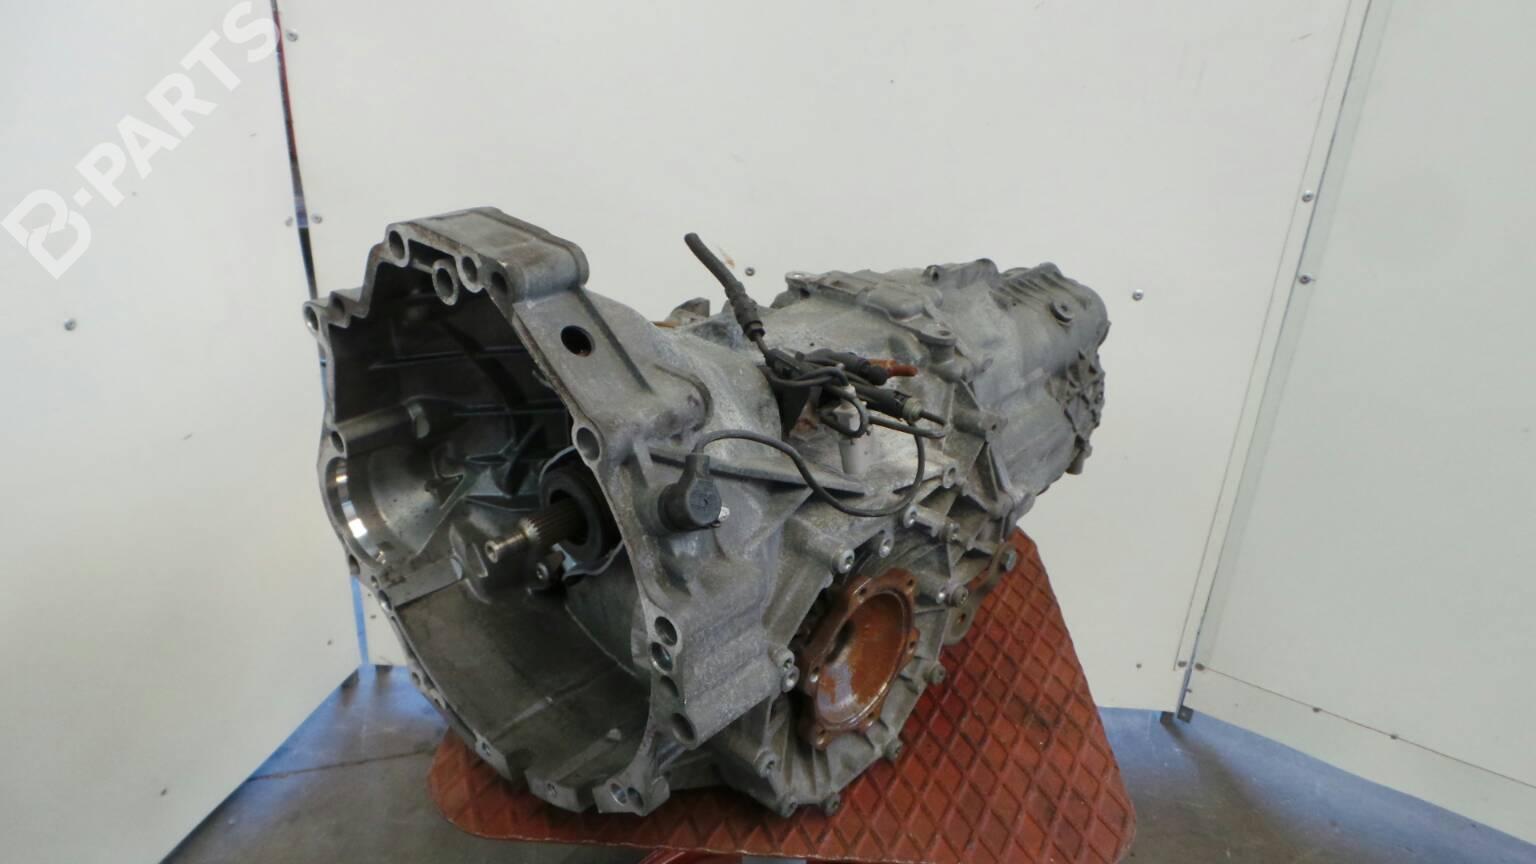 Manual Gearbox Audi A4 Convertible 8h7 B6 8he B7 25 Tdi 120094 2005 Engine Schematics 3p51 4660000640 0a2300040b